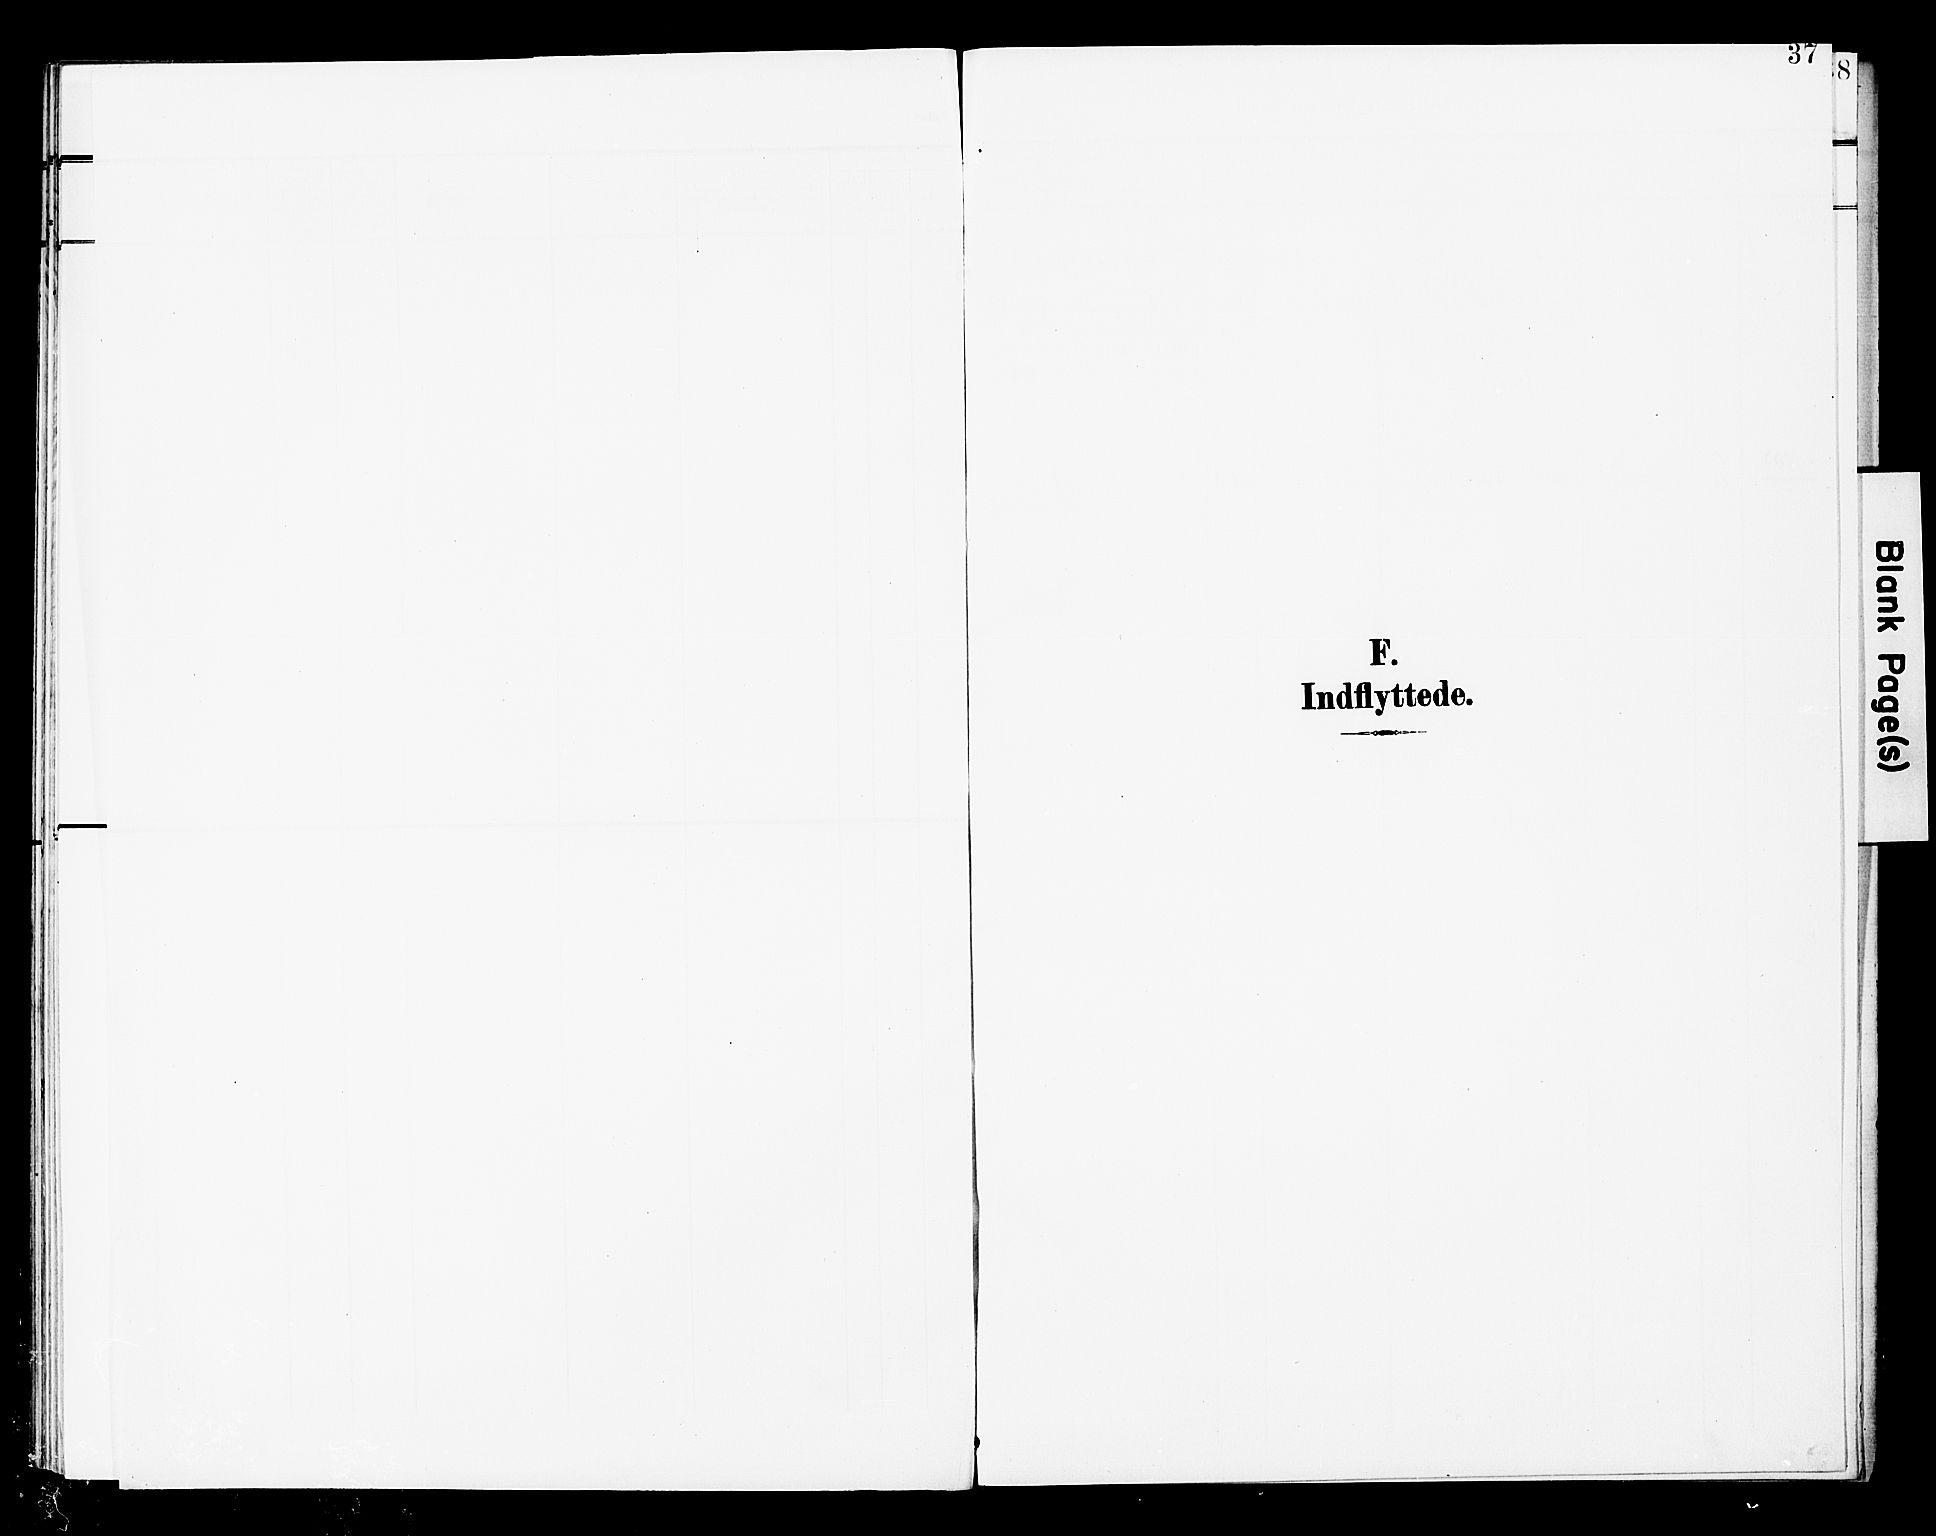 SAT, Ministerialprotokoller, klokkerbøker og fødselsregistre - Nord-Trøndelag, 748/L0464: Ministerialbok nr. 748A01, 1900-1908, s. 37